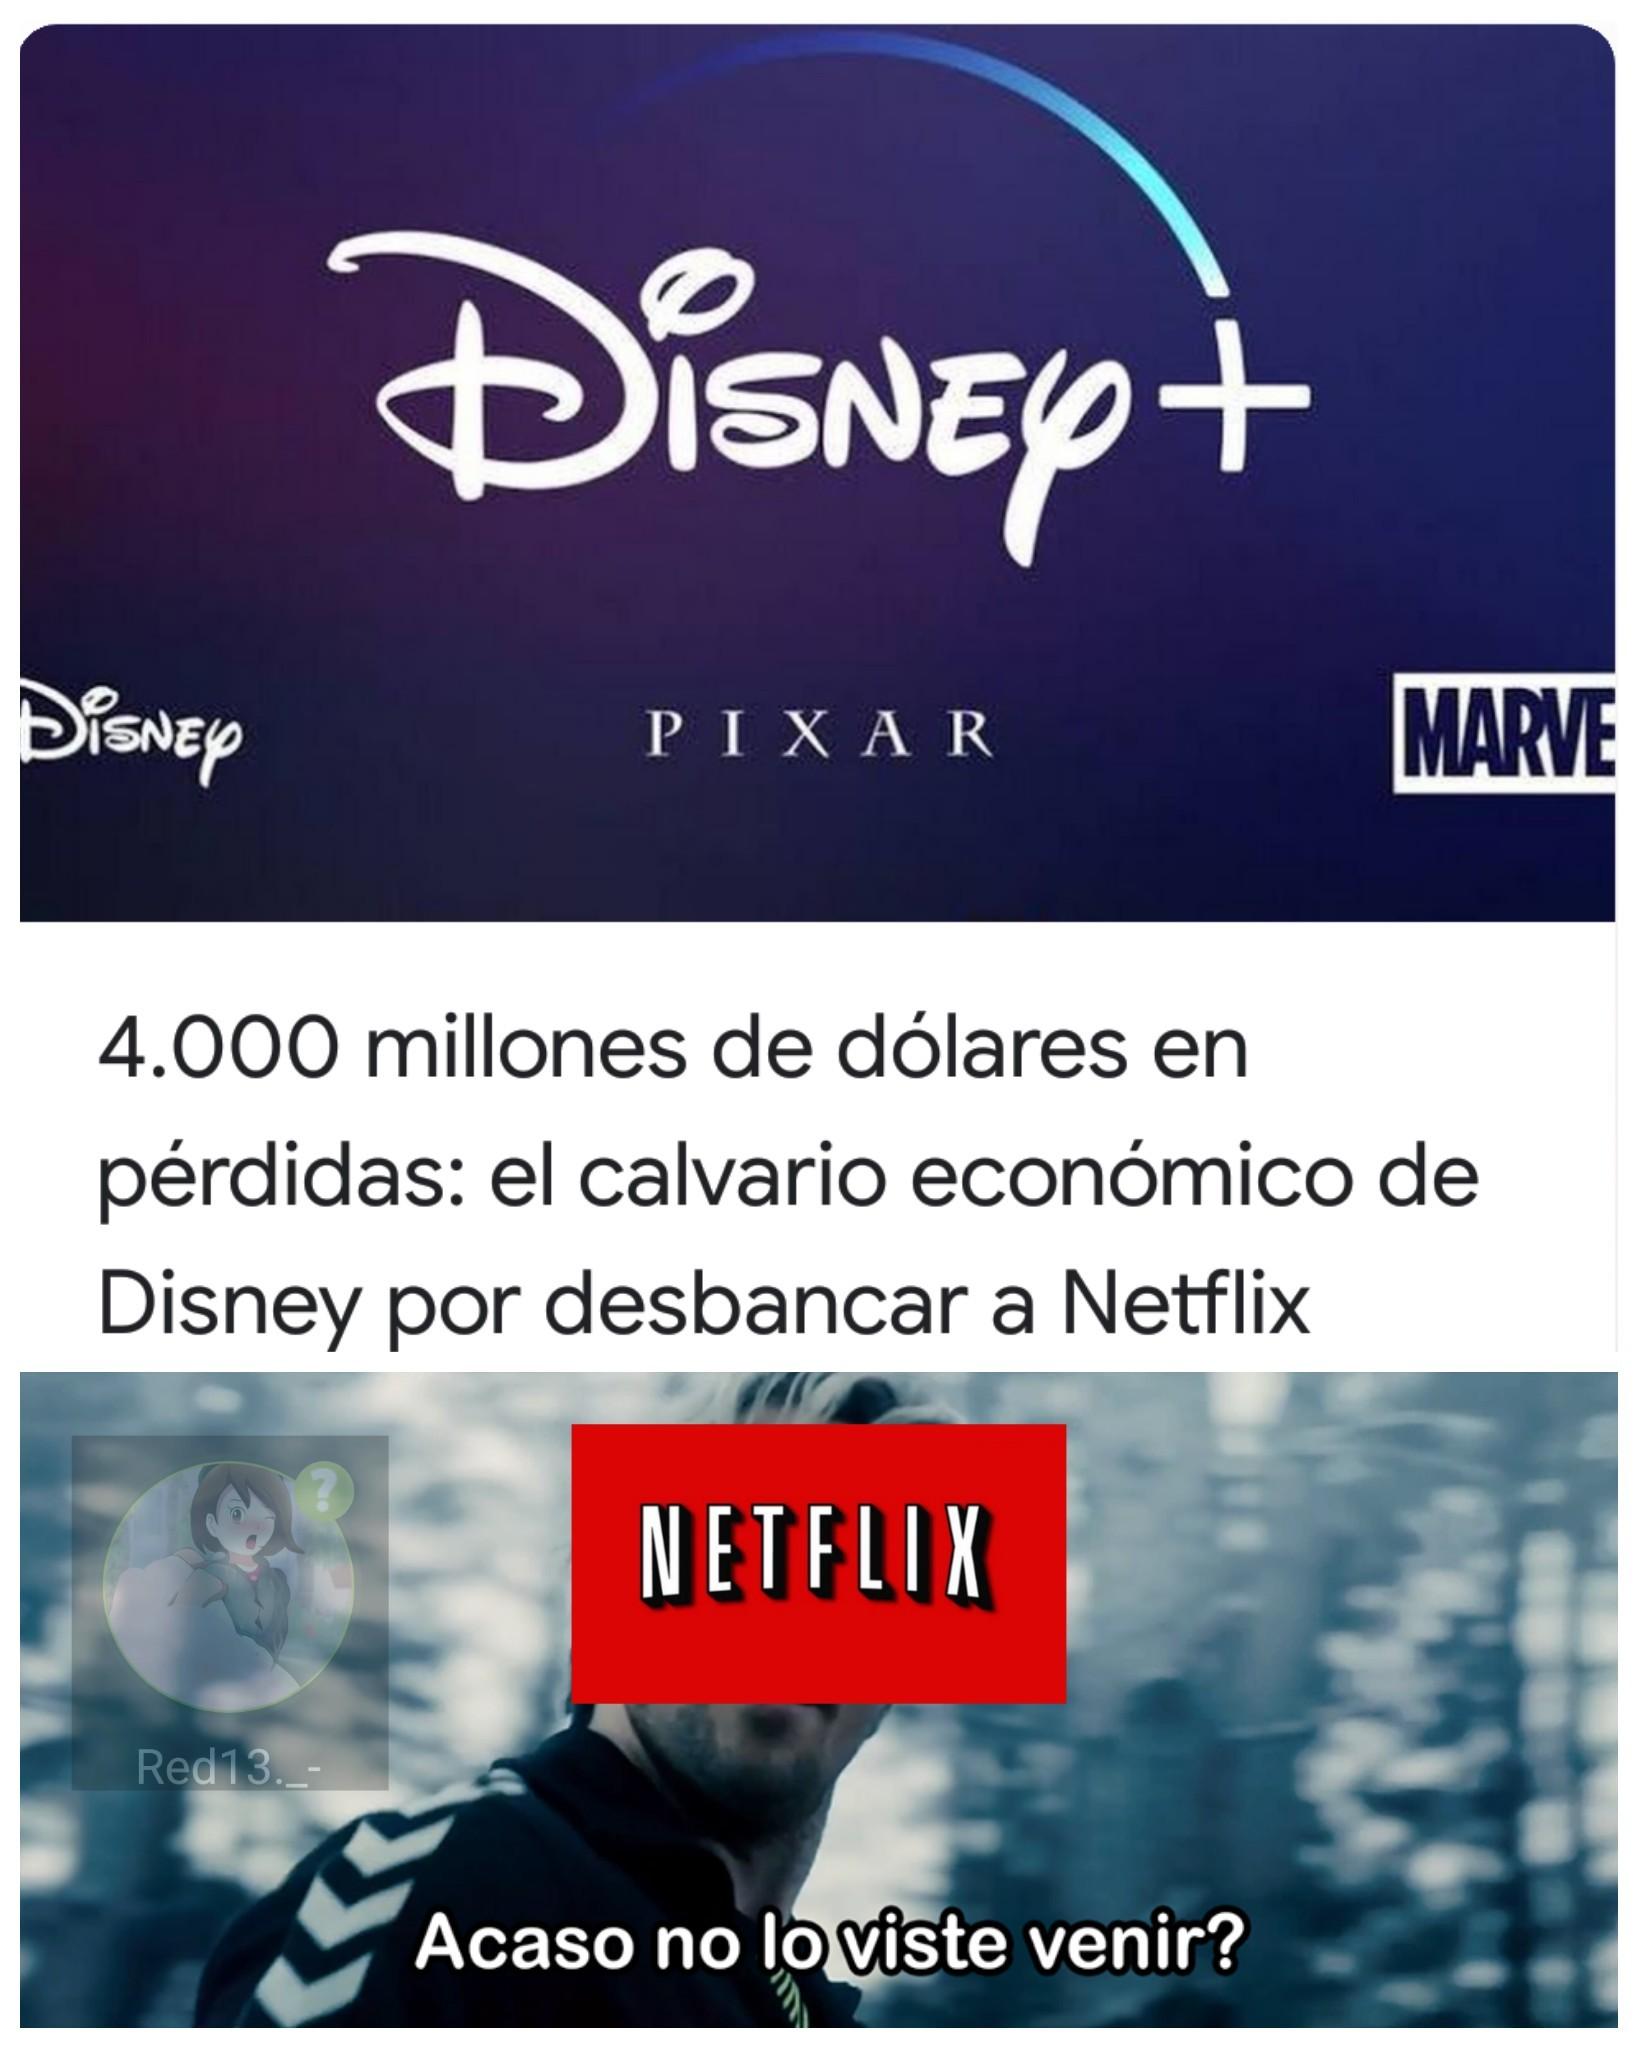 Netflix se recupera - meme